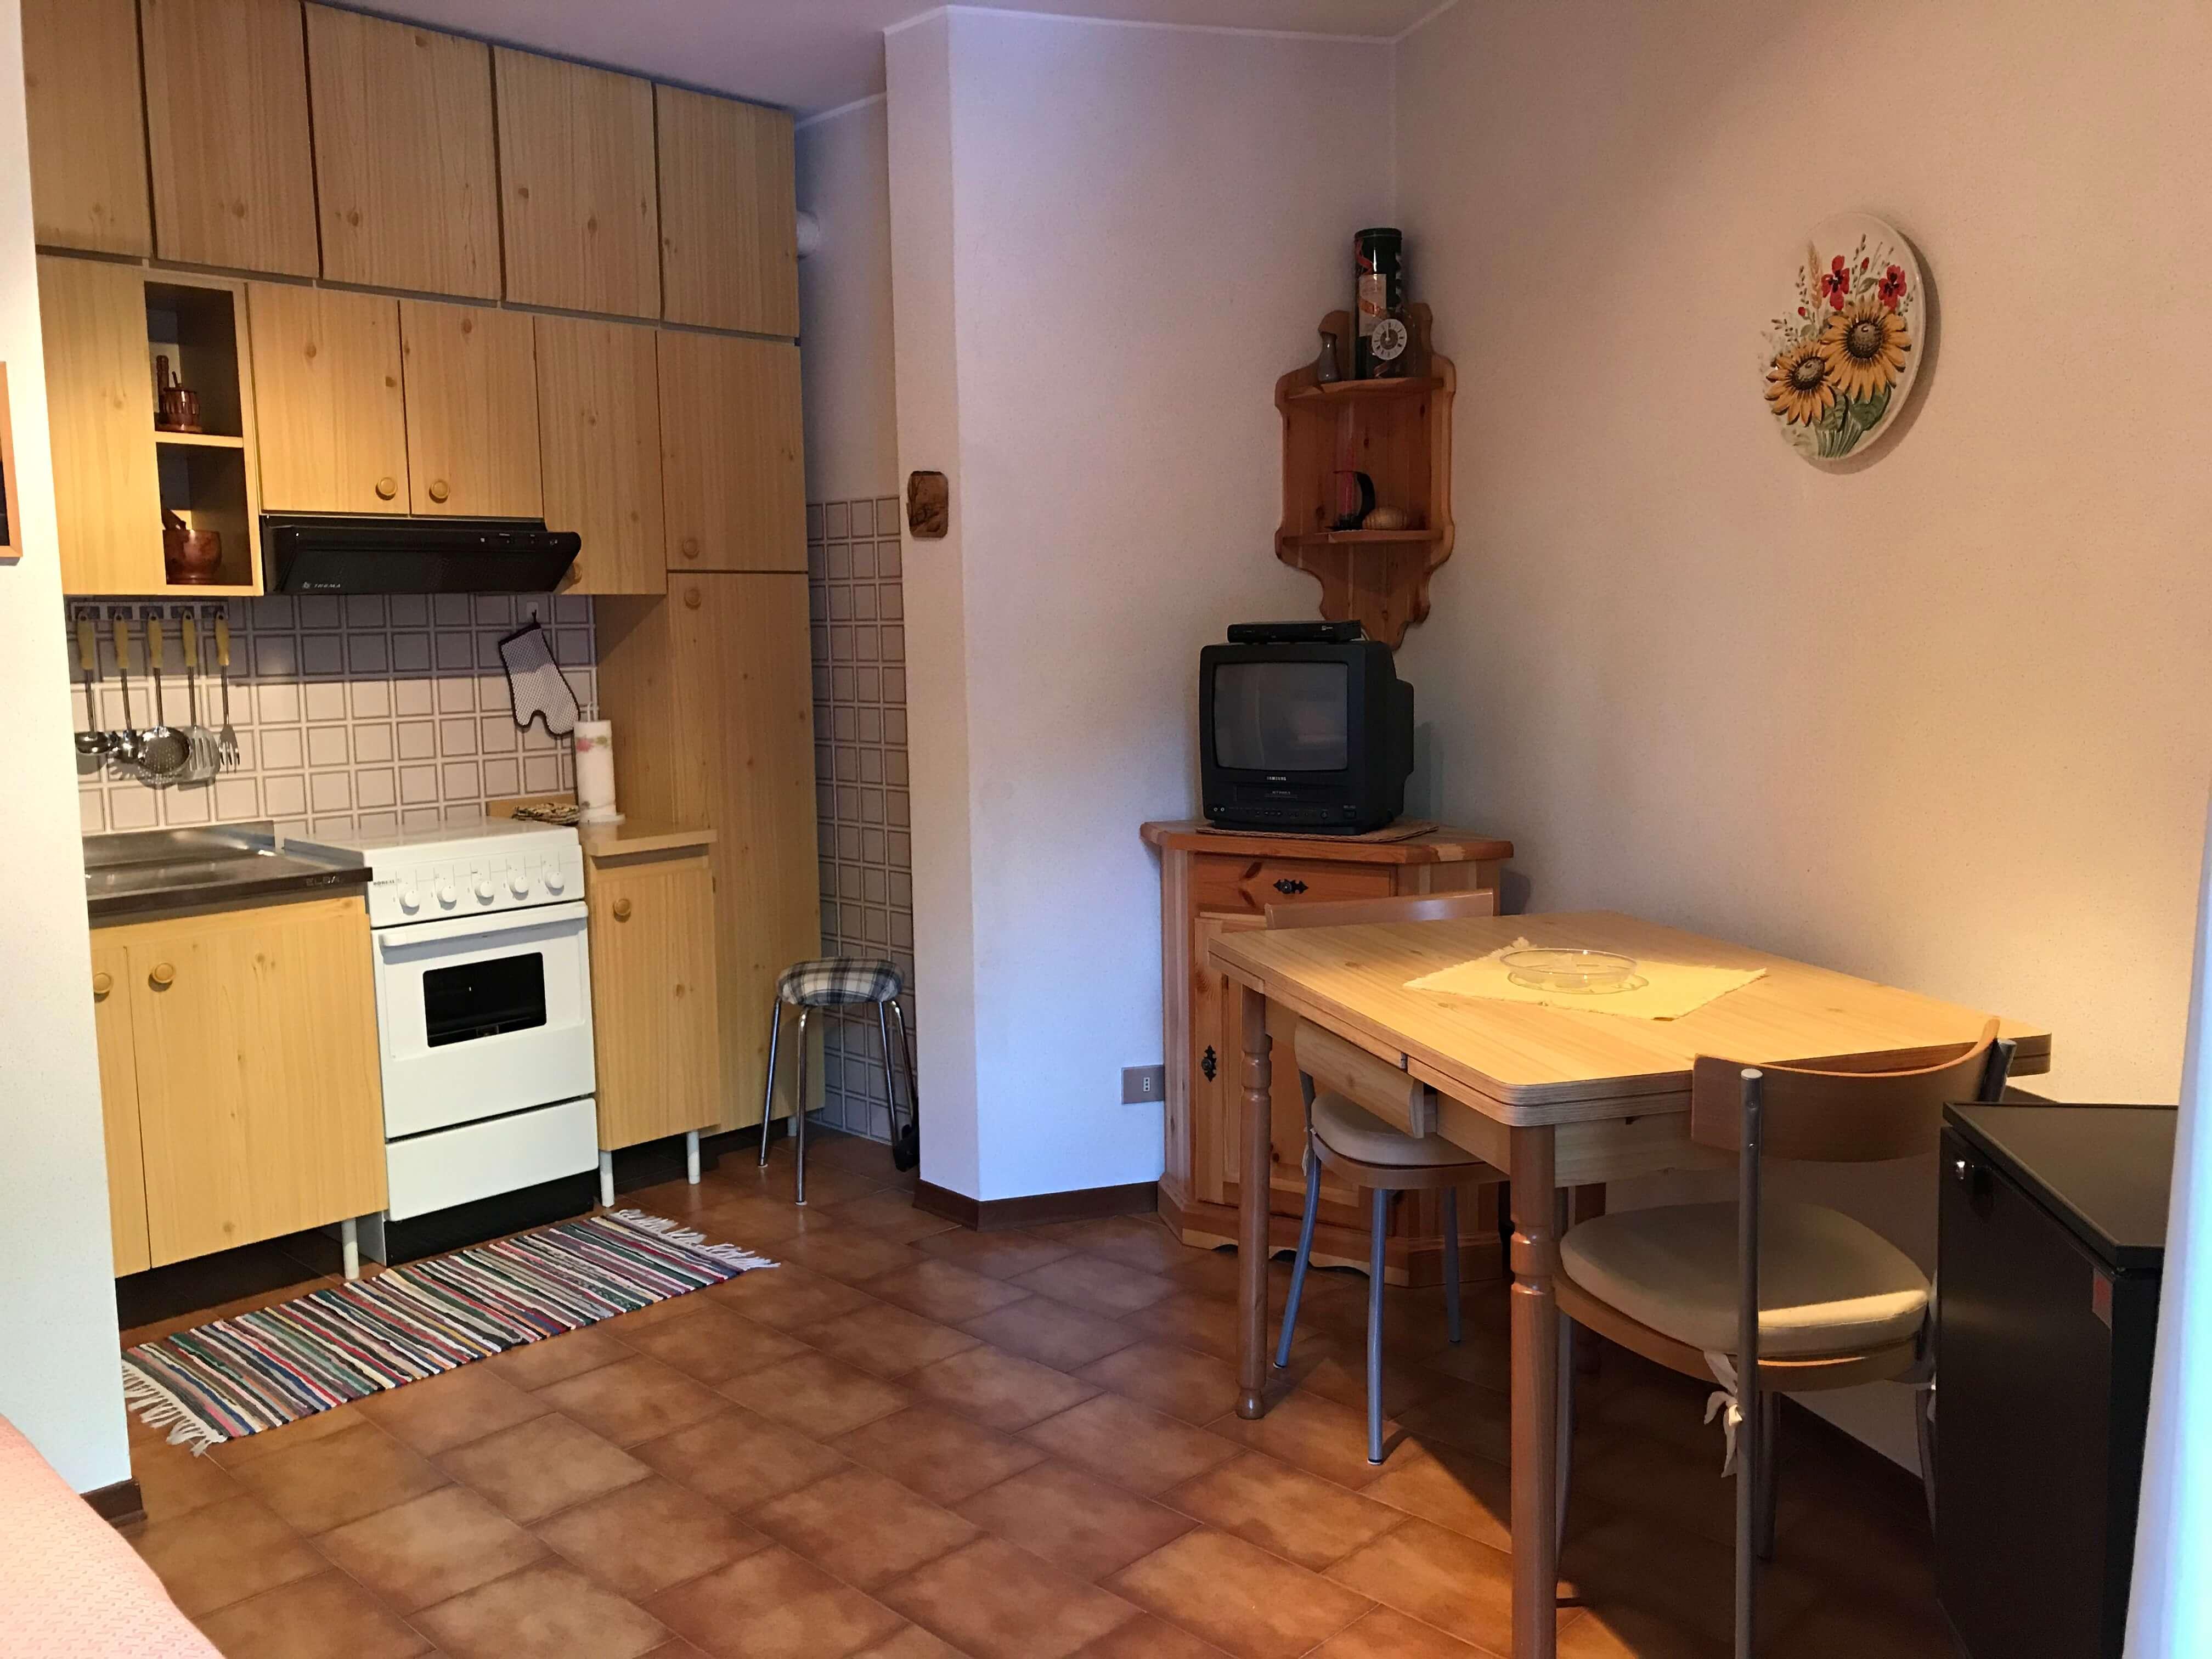 Immobiliare Abita condominio Capitel - monolocale in vendita angolo cottura-pranzo